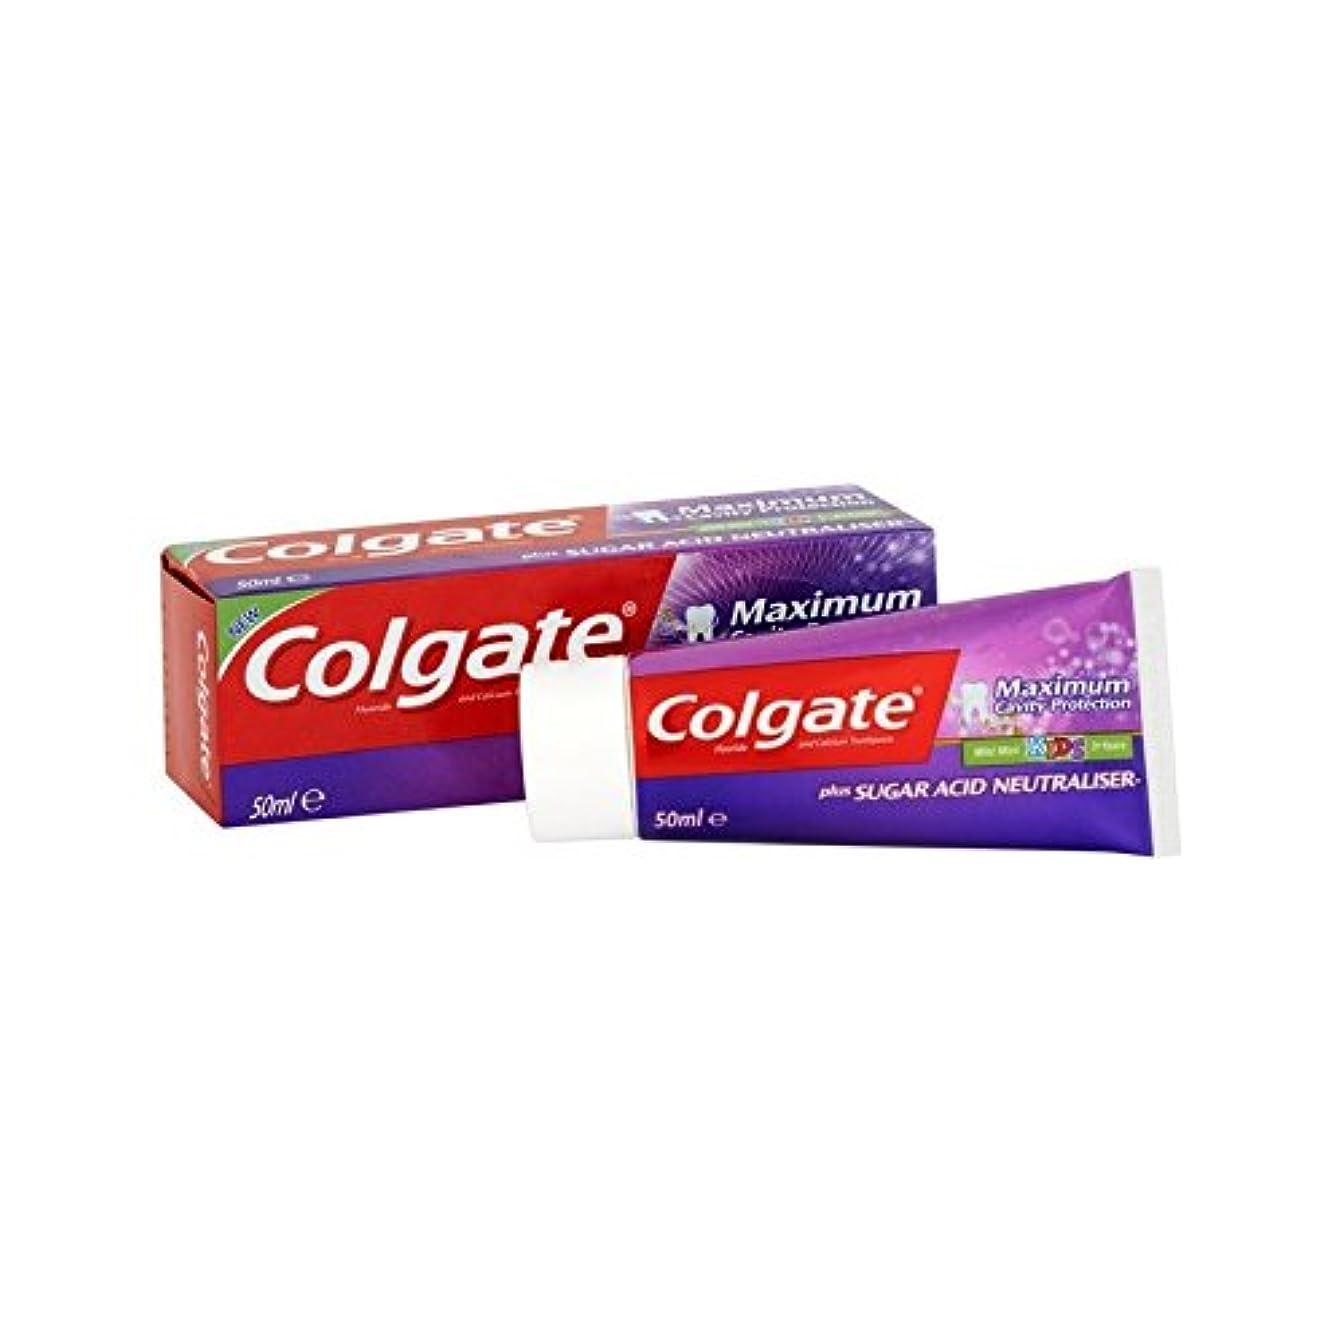 値下げ最初にピース最大空洞の子供の50ミリリットルを保護 (Colgate) (x 2) - Colgate Maximum Cavity Protect Kids 50ml (Pack of 2) [並行輸入品]